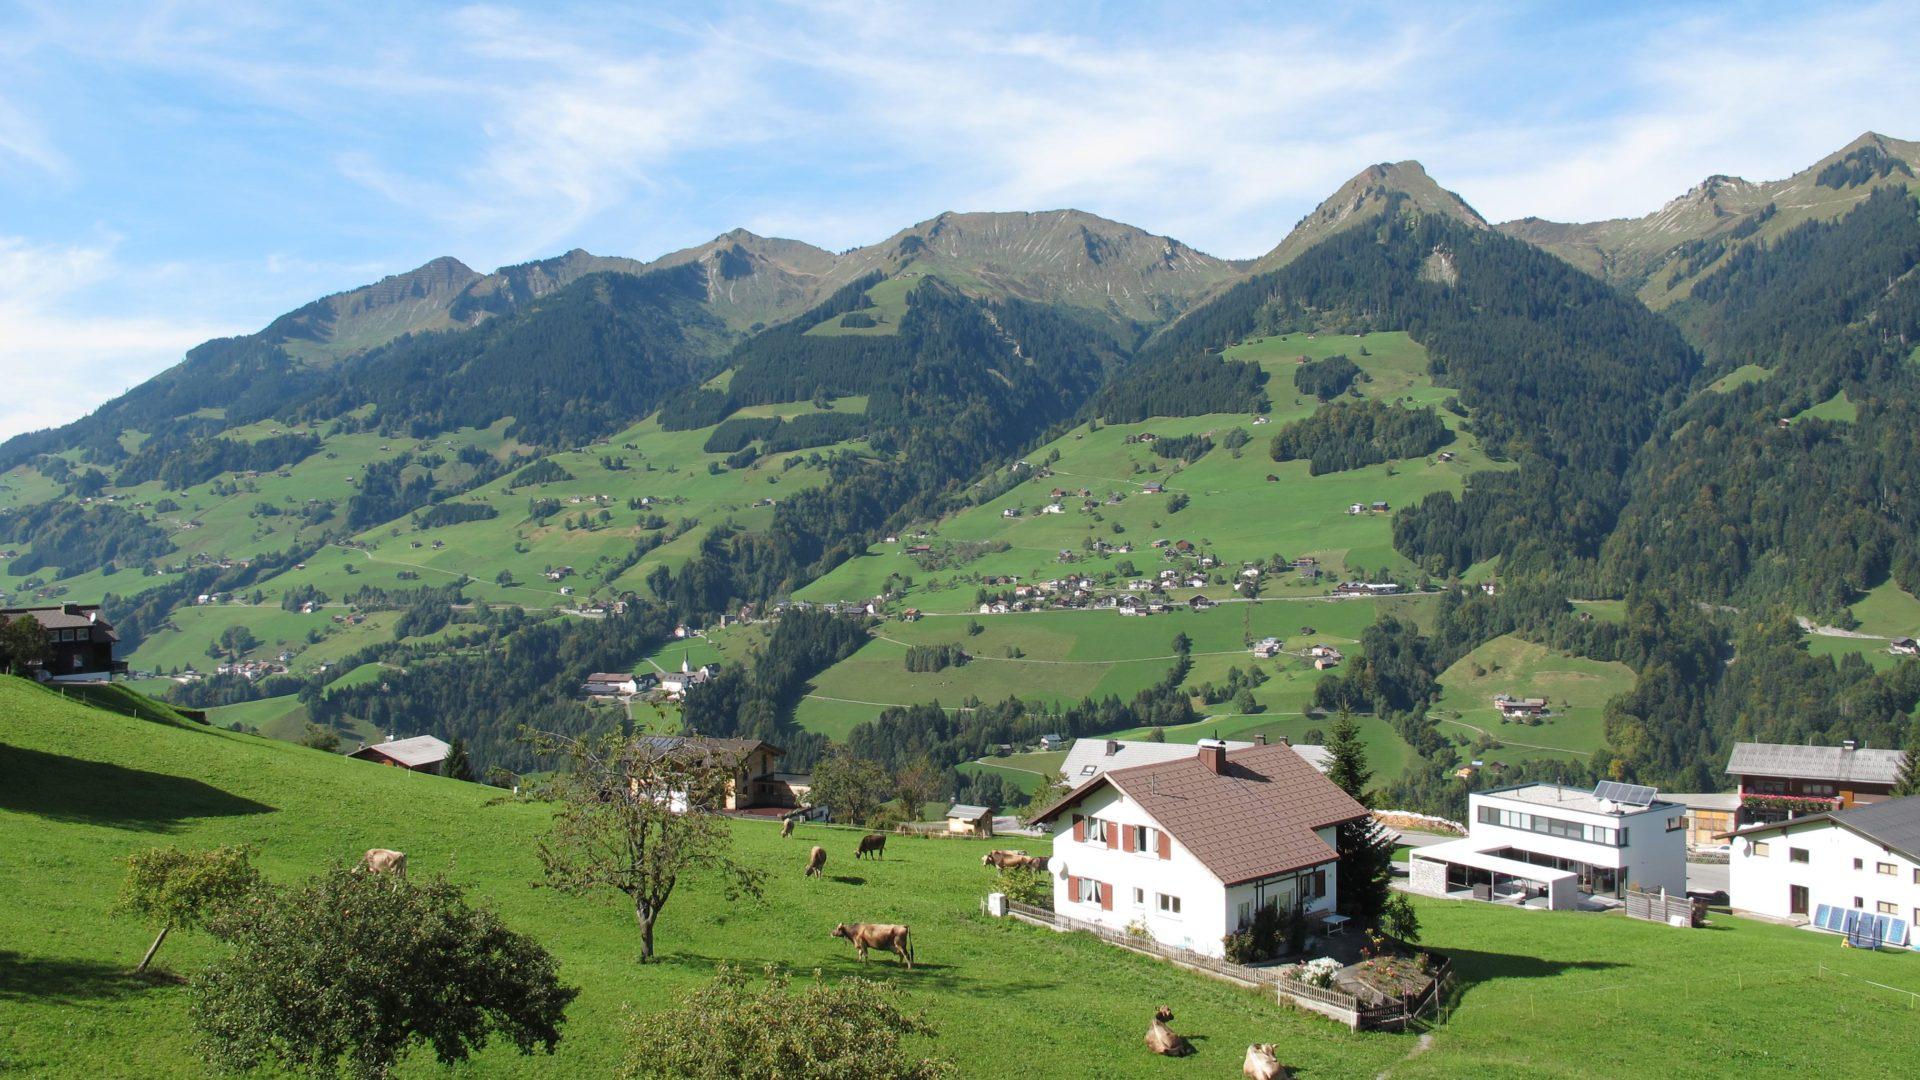 Blick von Raggal auf die Sonnenseite des Großen Walsertals mit St. Gerold und dem Walser Kamm im Hintergrund